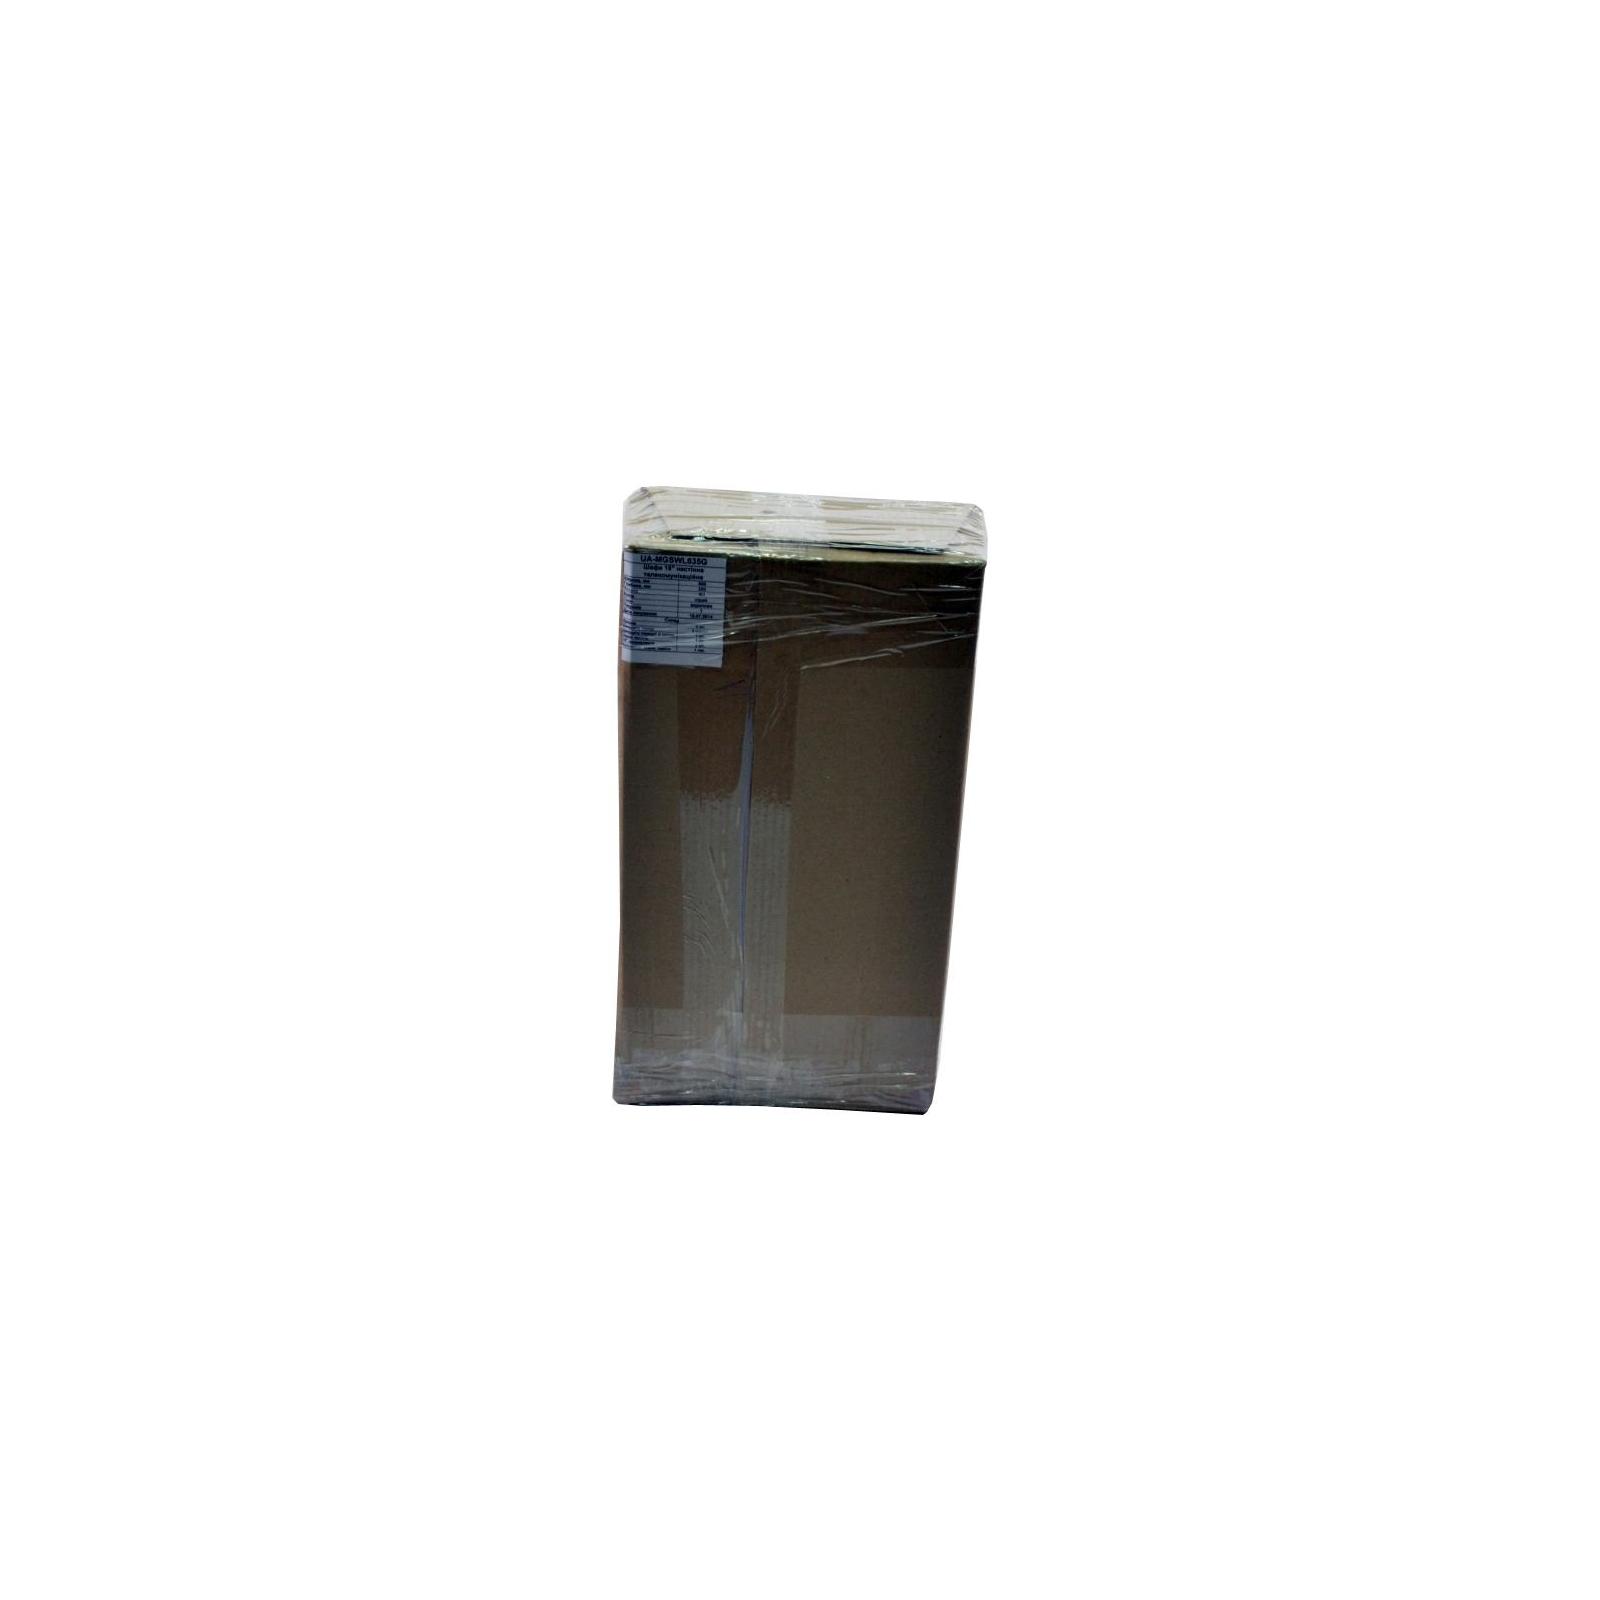 Шкаф настенный CMS 6U 600*350*373mm (UA-MGSWL635B) изображение 8